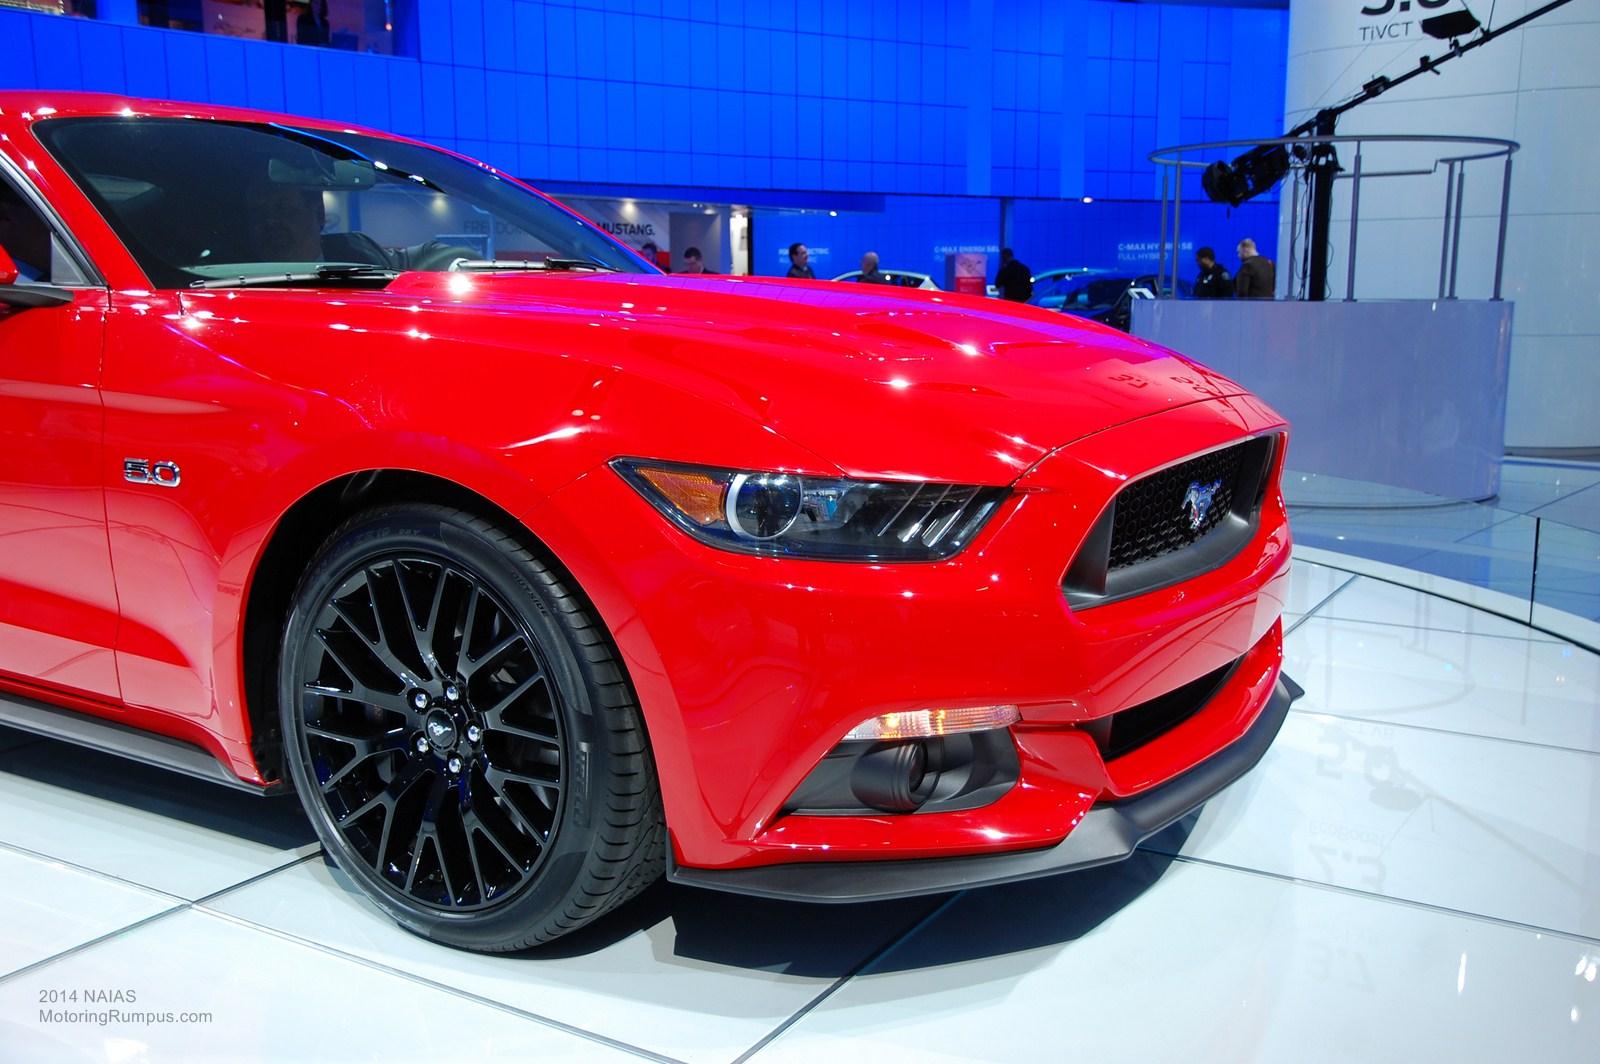 2014 Naias Ford 2015 Mustang 19 Inch Gloss Black Wheels